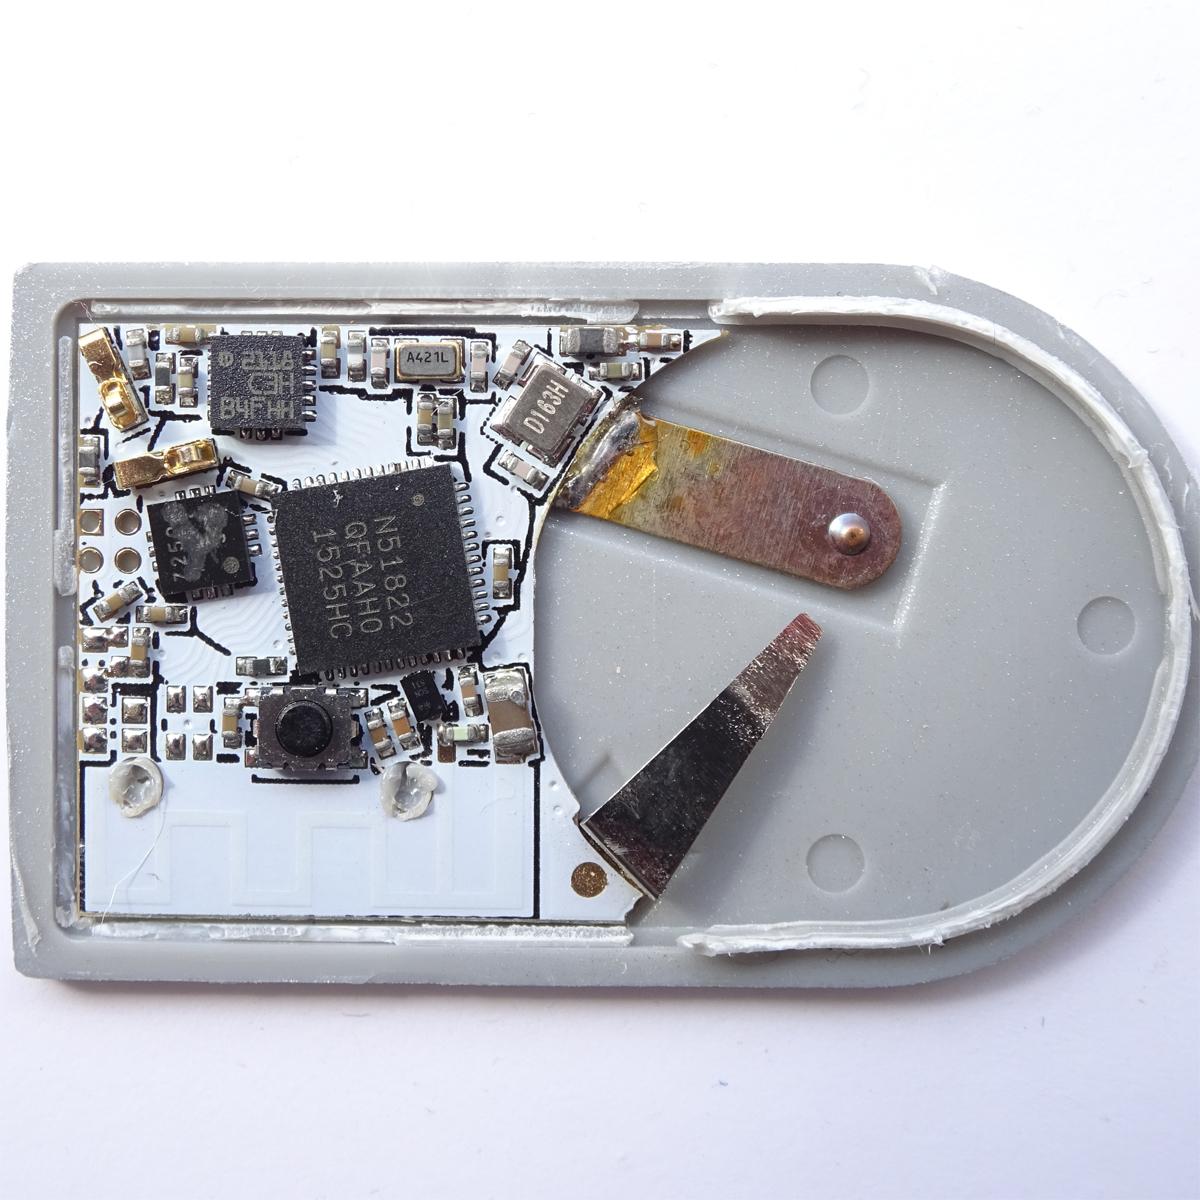 ib001m_inside_smaller